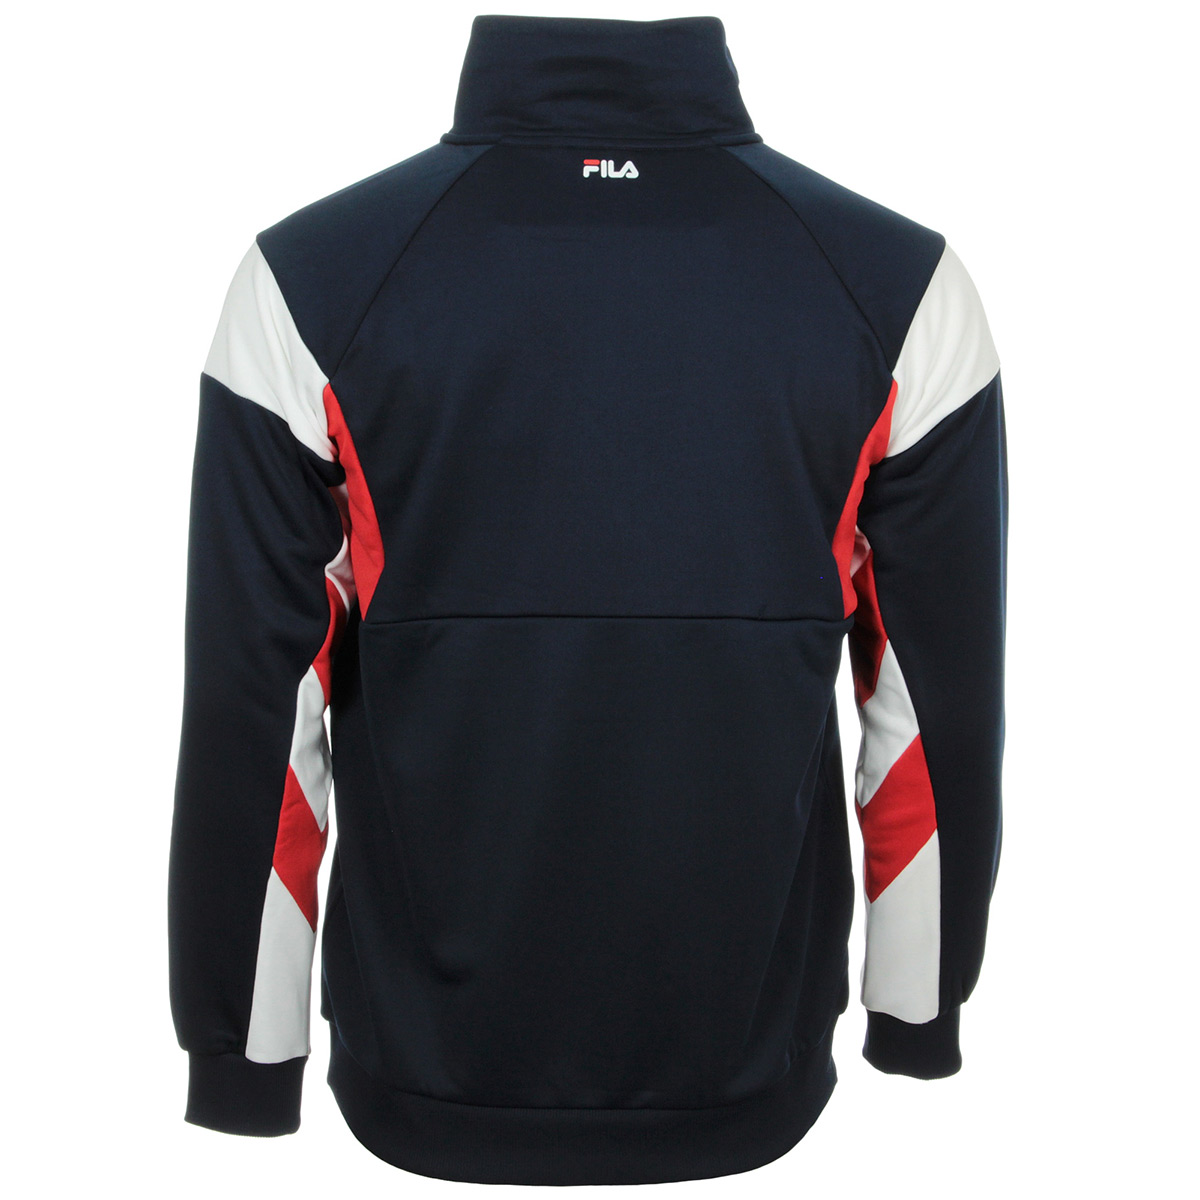 Keith Men Zip Vestes Shirt Fila Homme 682151h07 Half Cfwft1x7fq Sport BqPZTP